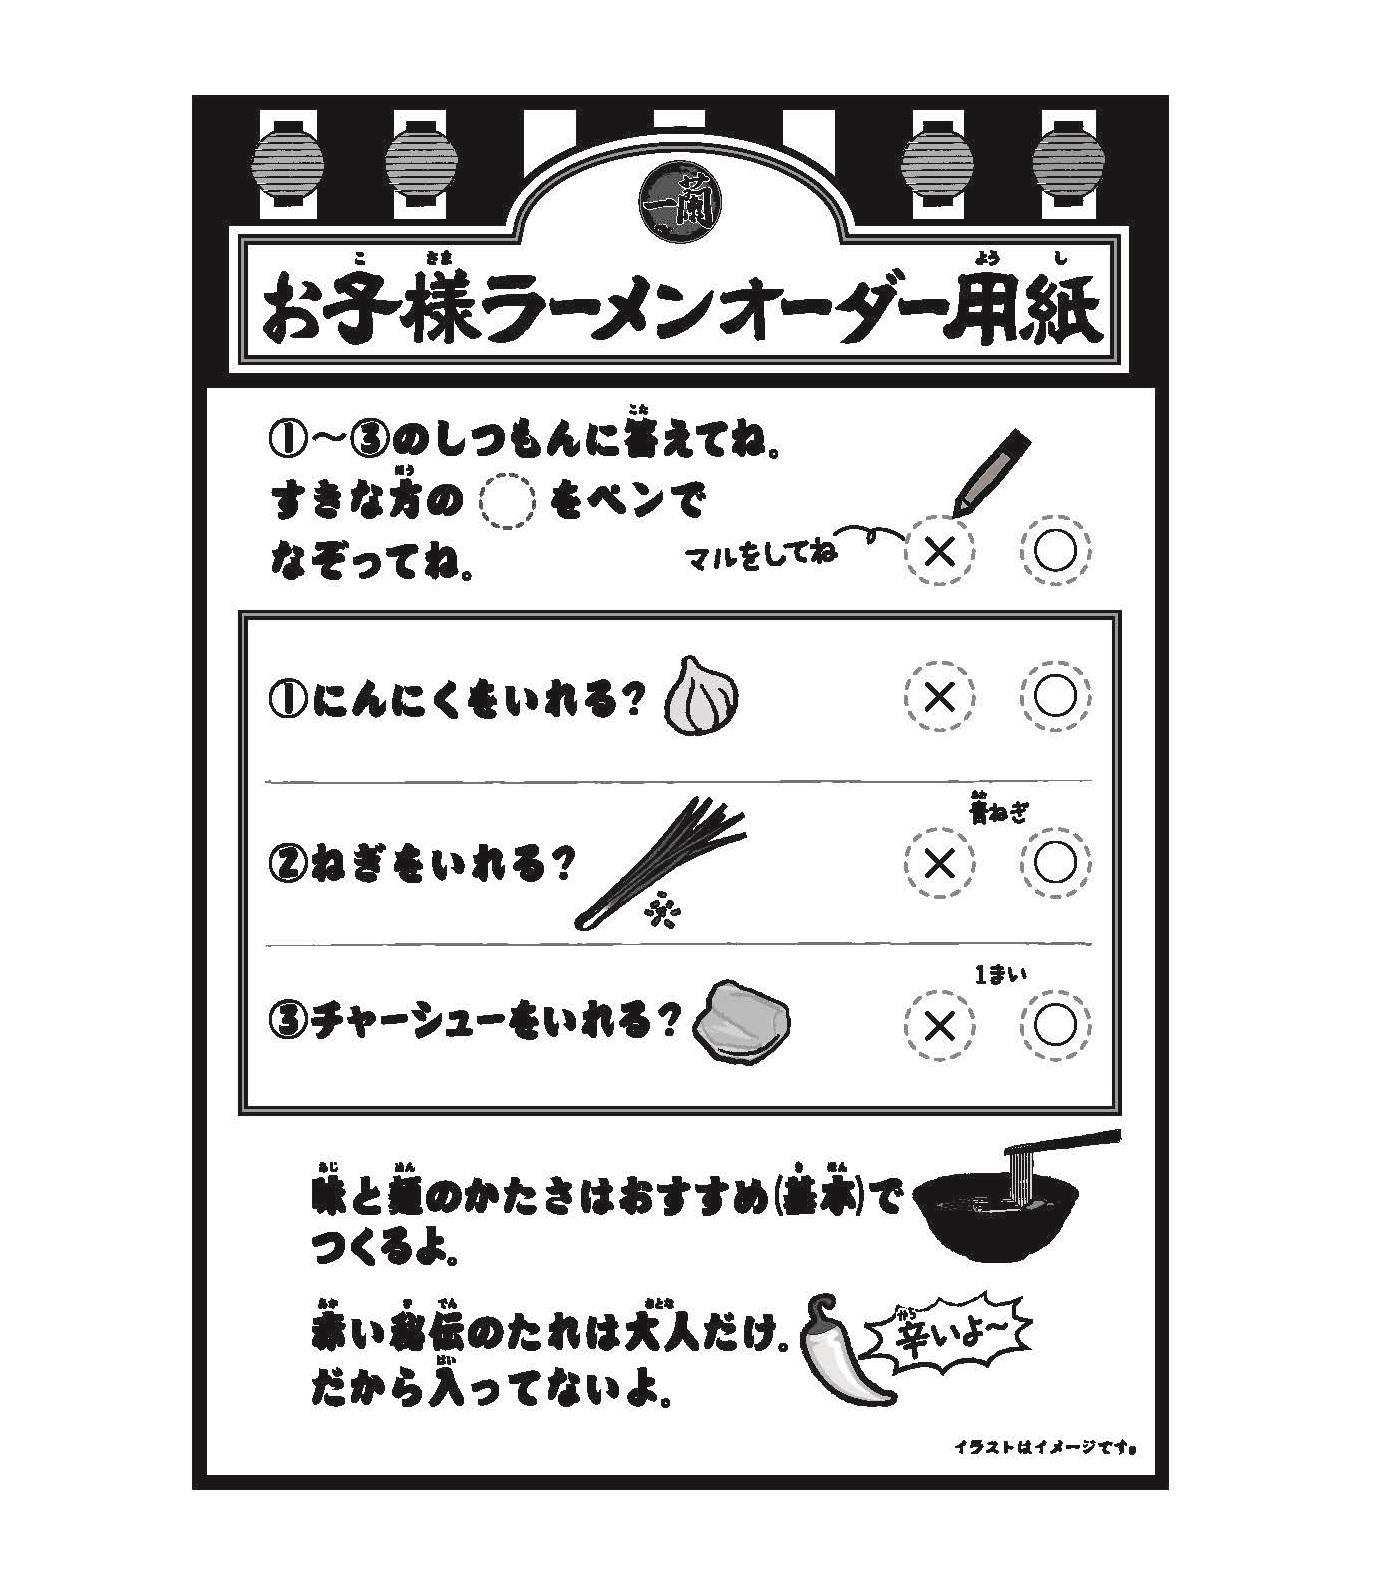 お子様ラーメンオーダー用紙.jpg